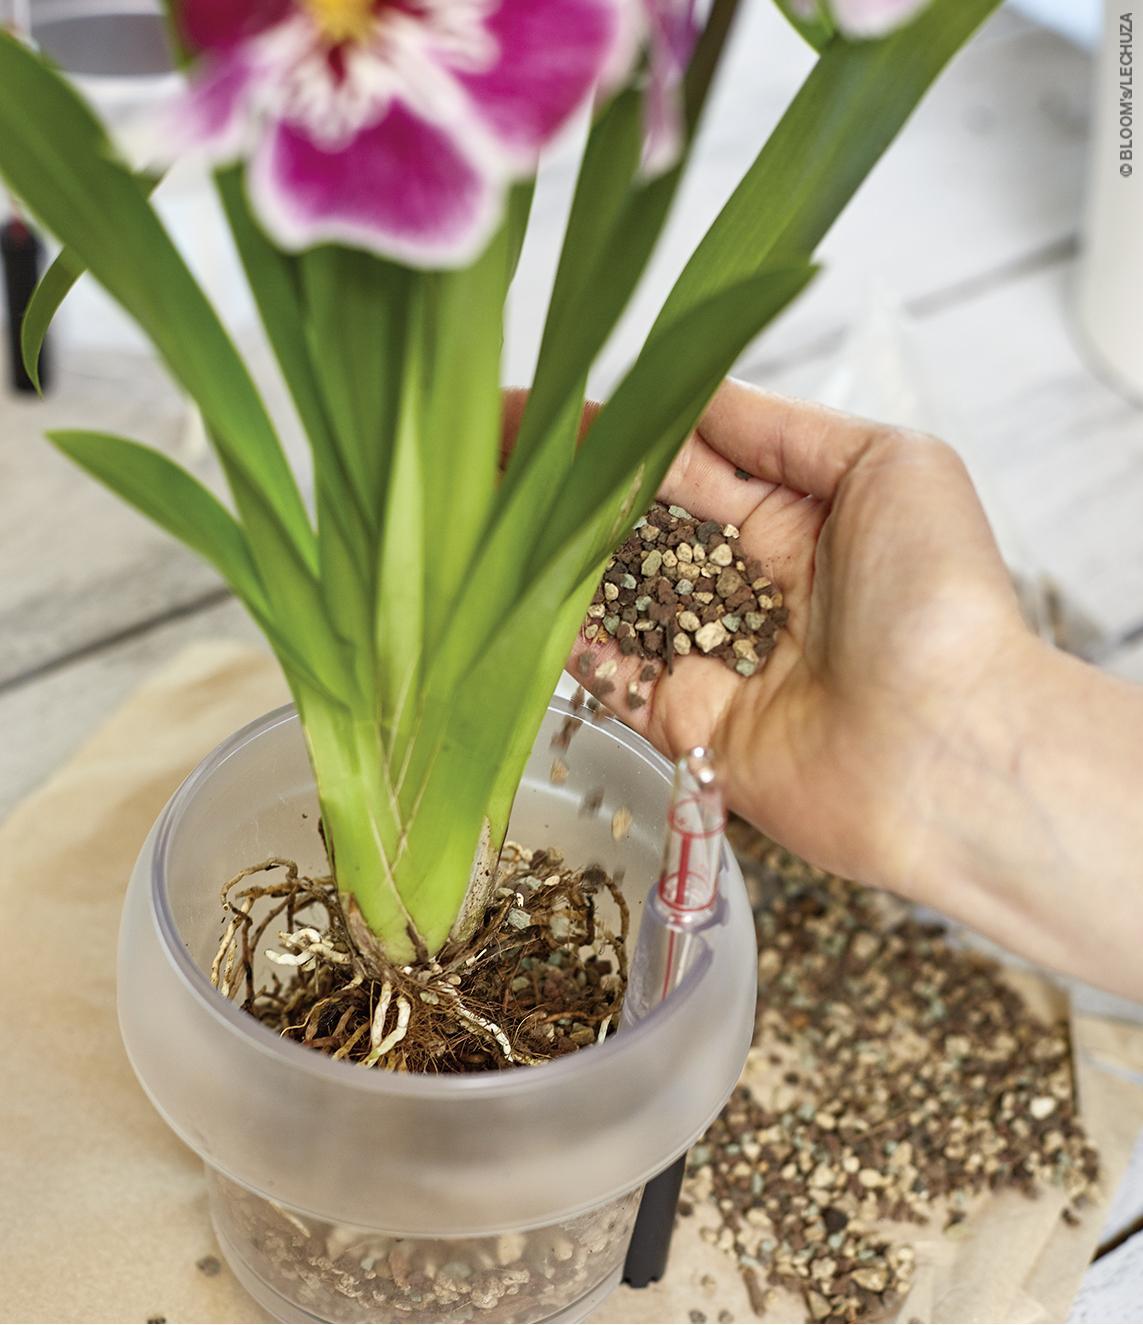 'Μία ορχιδέα μπορεί να φυτευθεί σε μία γλάστρα ORCHIDEA